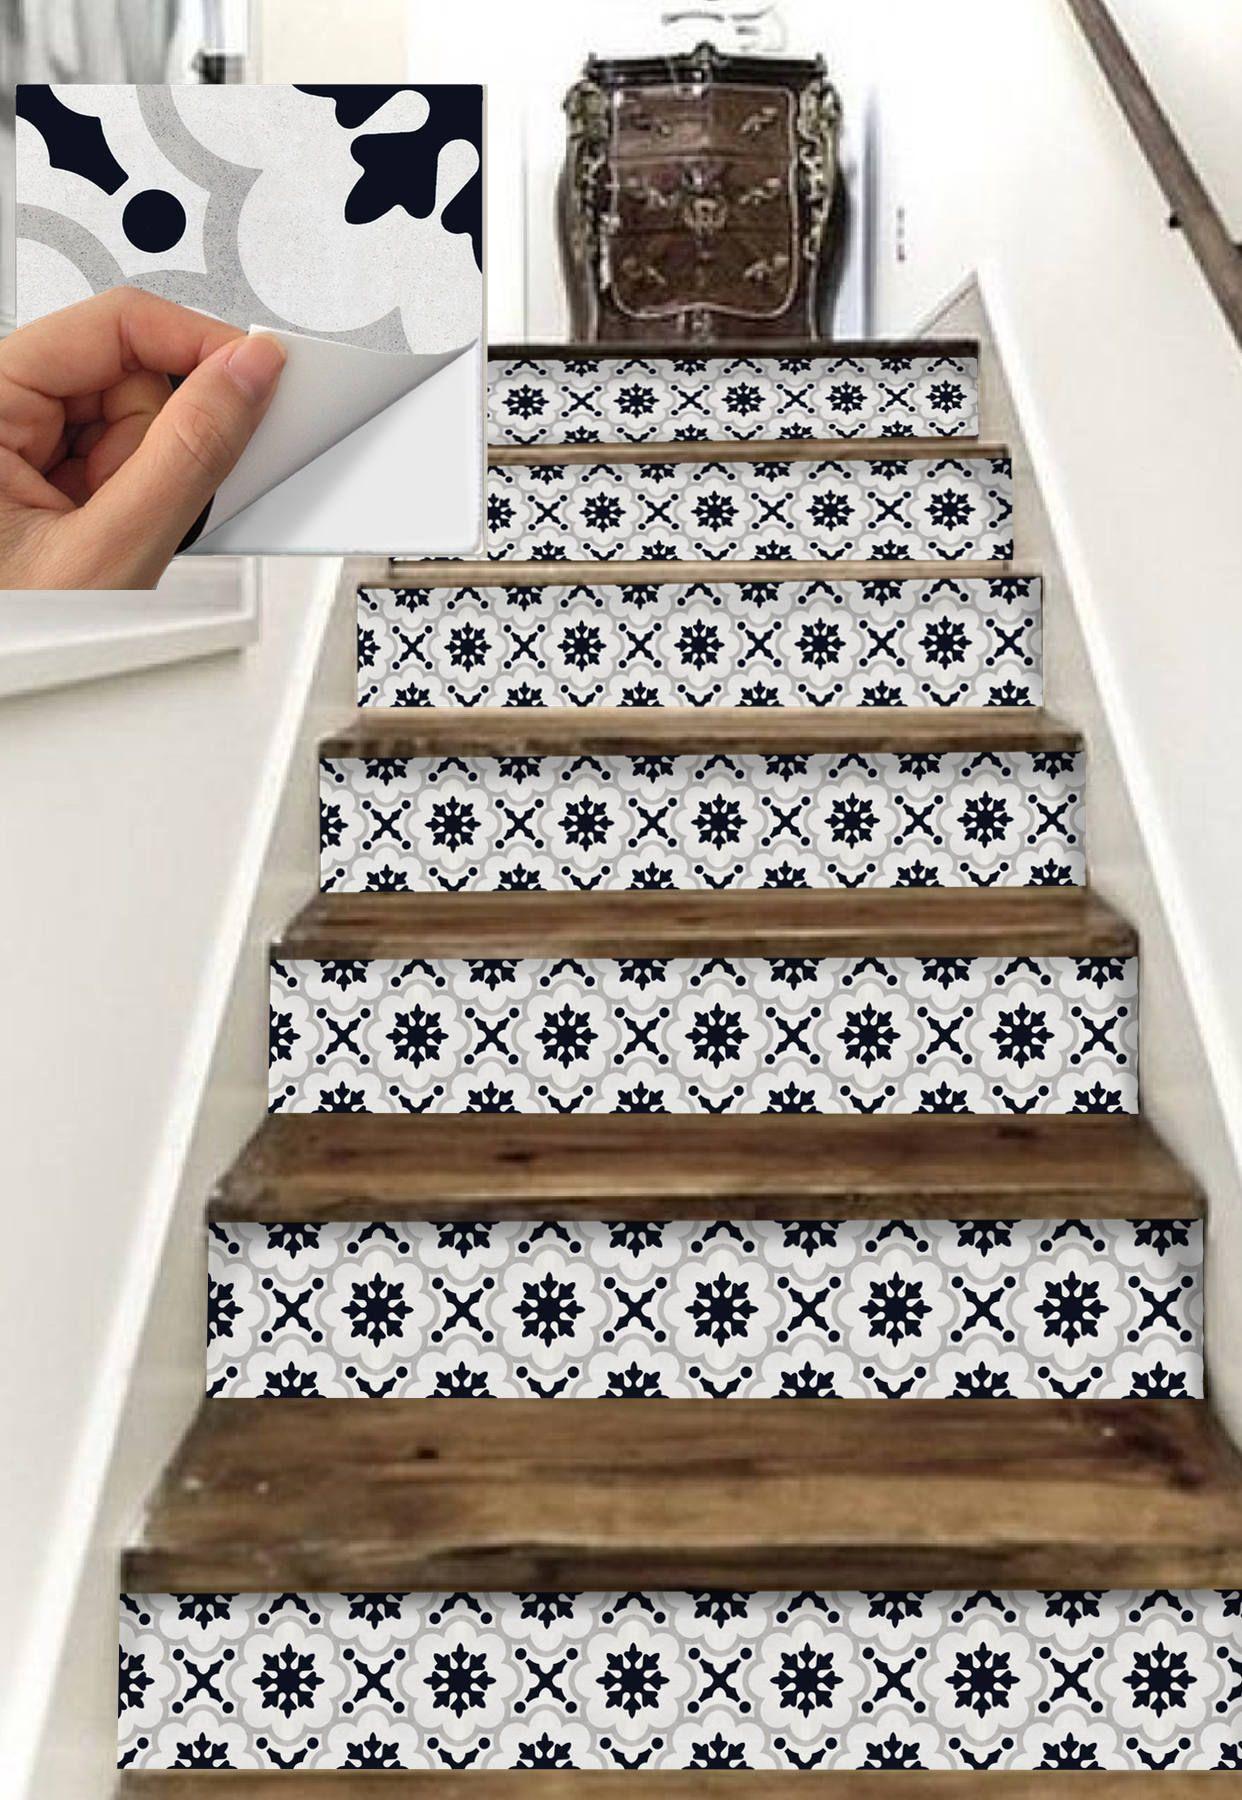 Stair Riser Vinyl Strips 15 Steps Removable Sticker Peel Etsy Stair Risers Stair Riser Vinyl Stairs Tiles Design